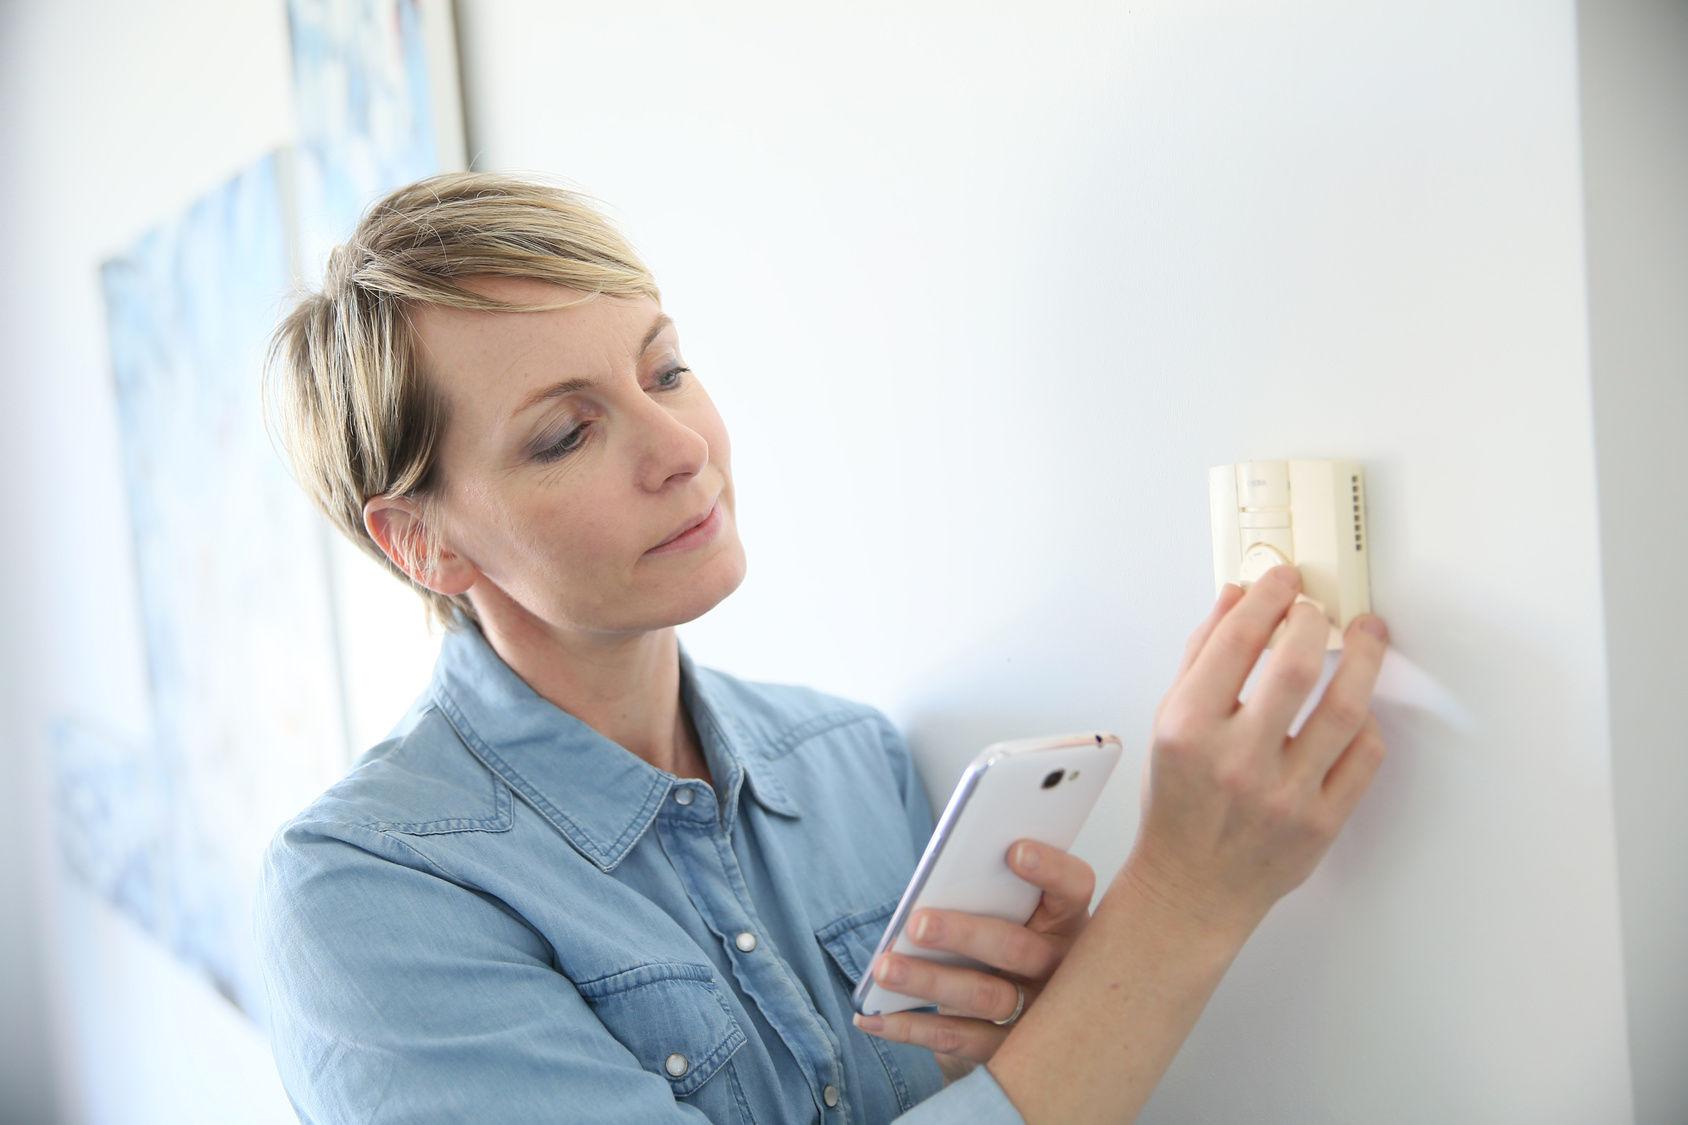 image d'une femme qui règle un thermostat